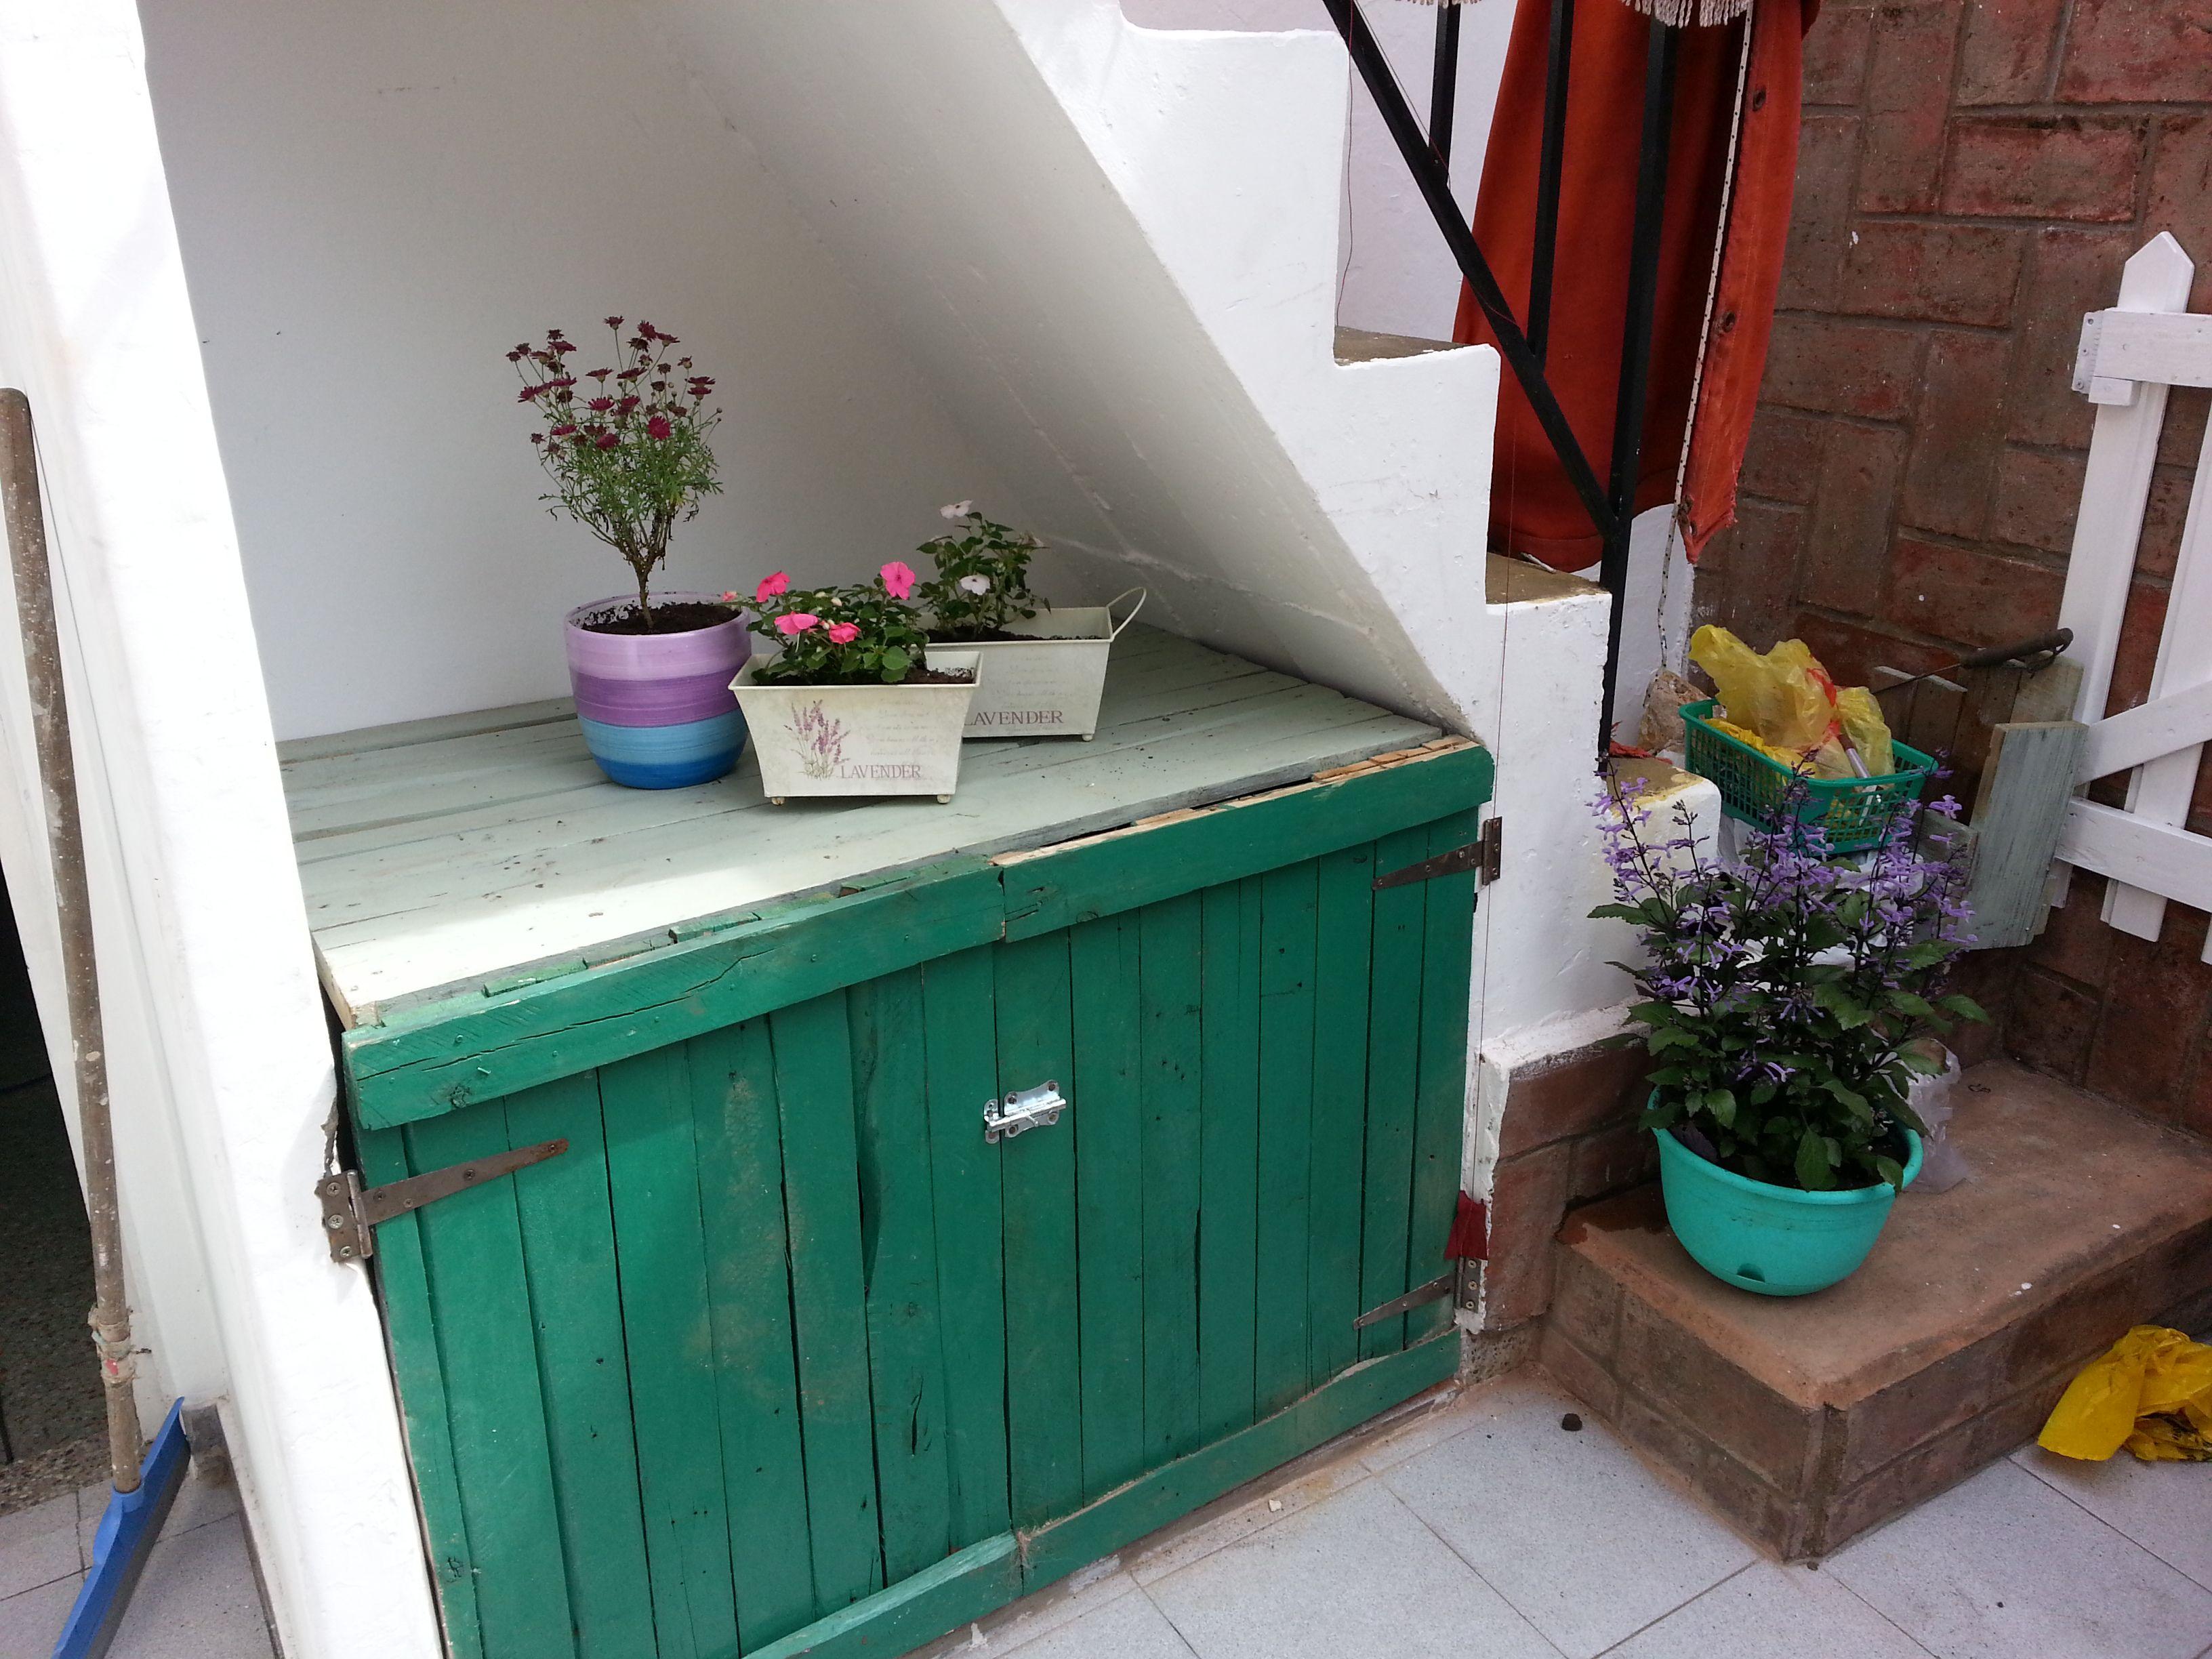 Muebles hechos con madera de pallet pintados a mano mi - Muebles de madera pintados a mano ...